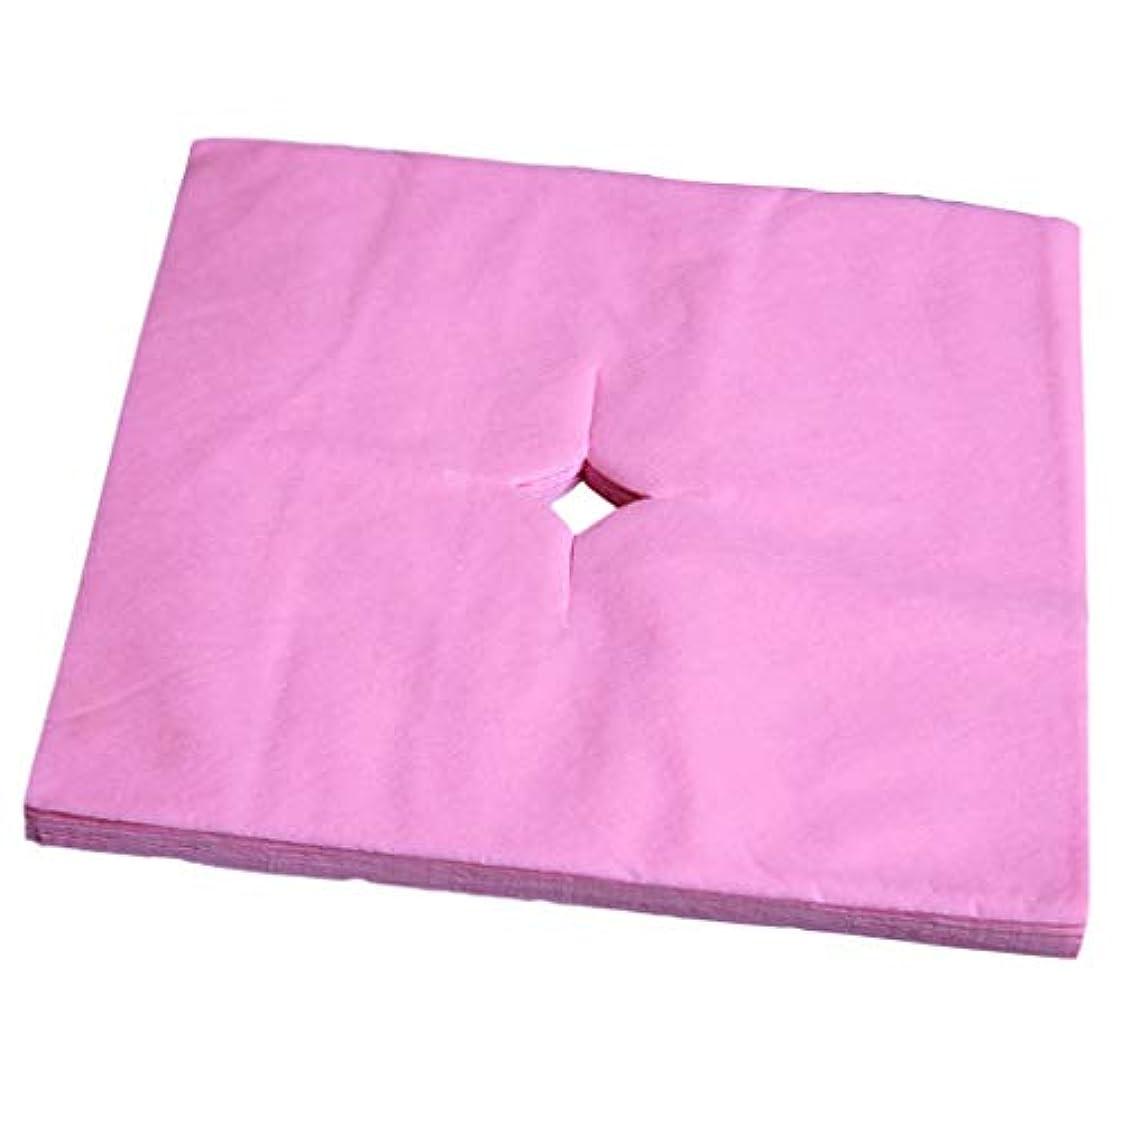 質量音声学ケーブルカーフェイスクレードルカバー 使い捨て 寝具カバー 不織布 柔らかい 便利 衛生的 全3色 - ピンク